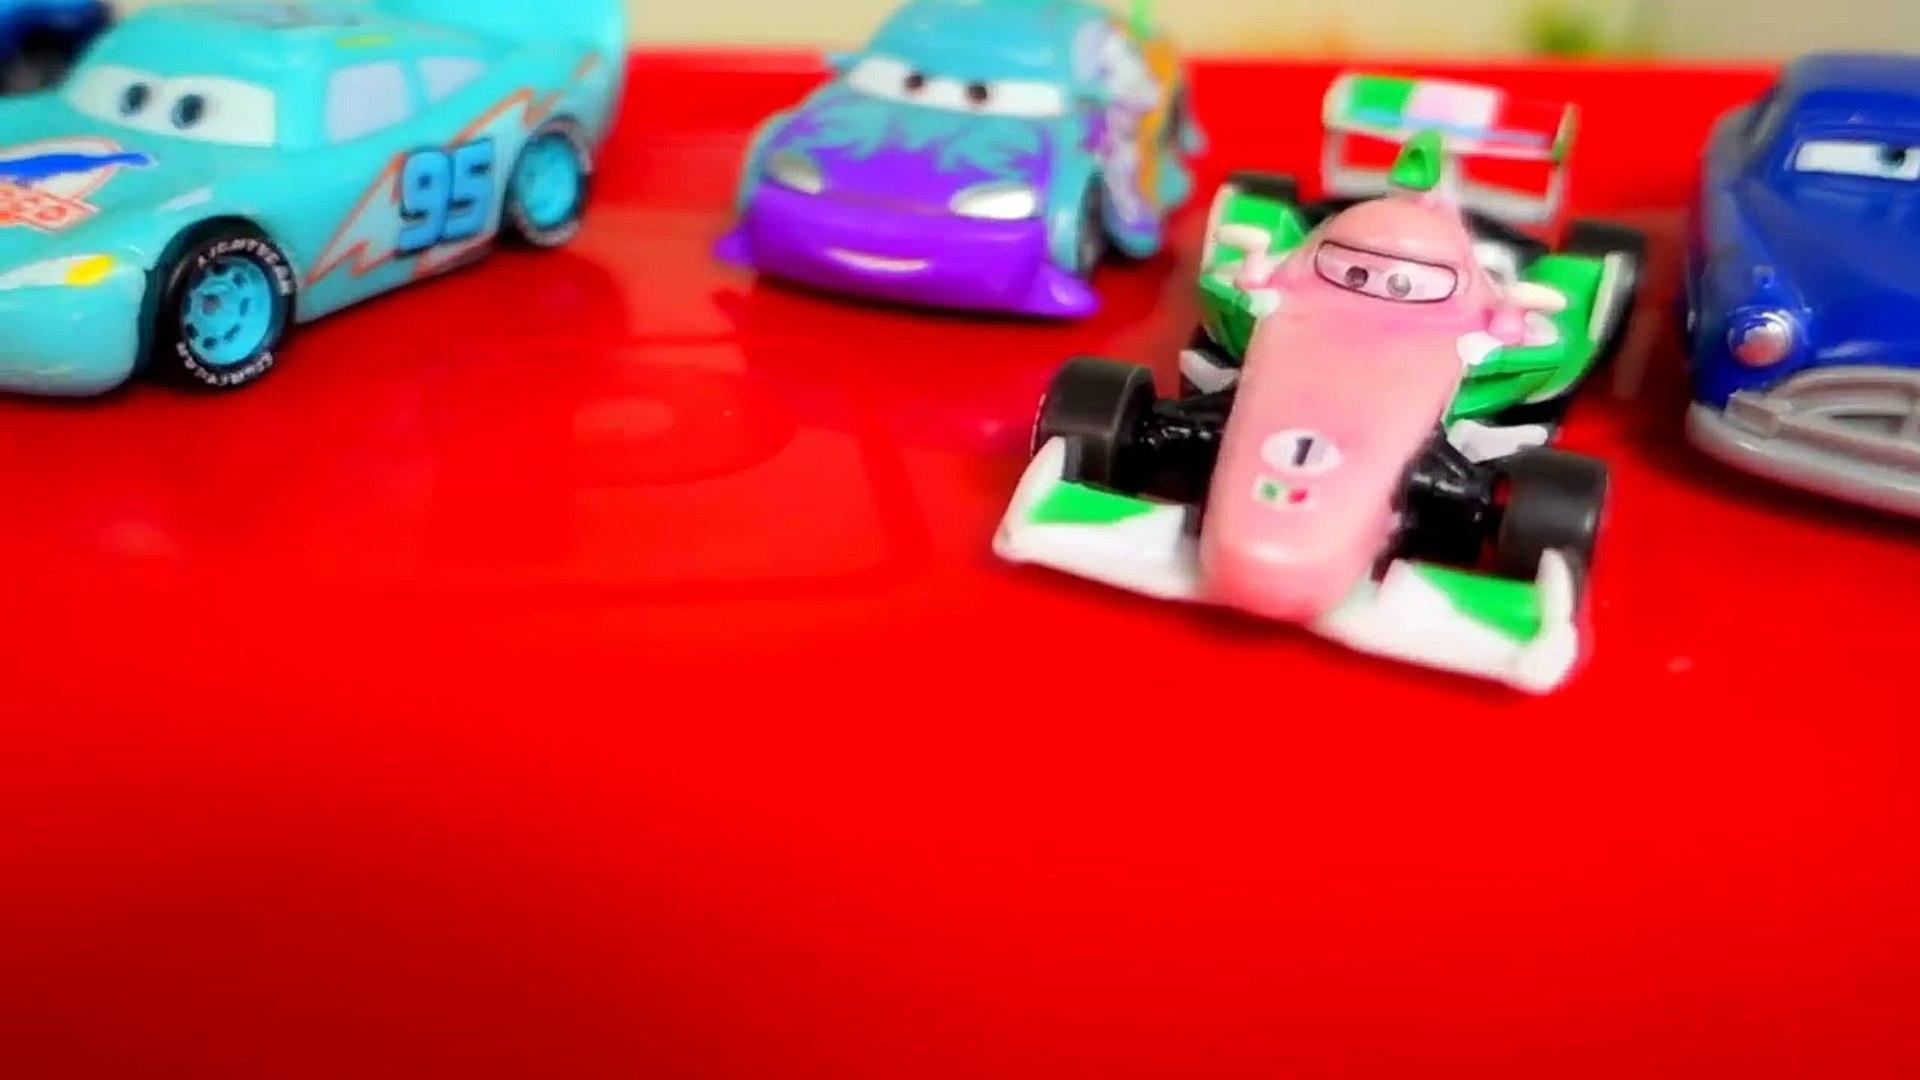 ТАЧКИ 2. Машинки из мультика ТАЧКИ 2 меняют цвет. Молния Маквин и Мэтр ТАЧКИ 2 CARS. Игрушки ТВ